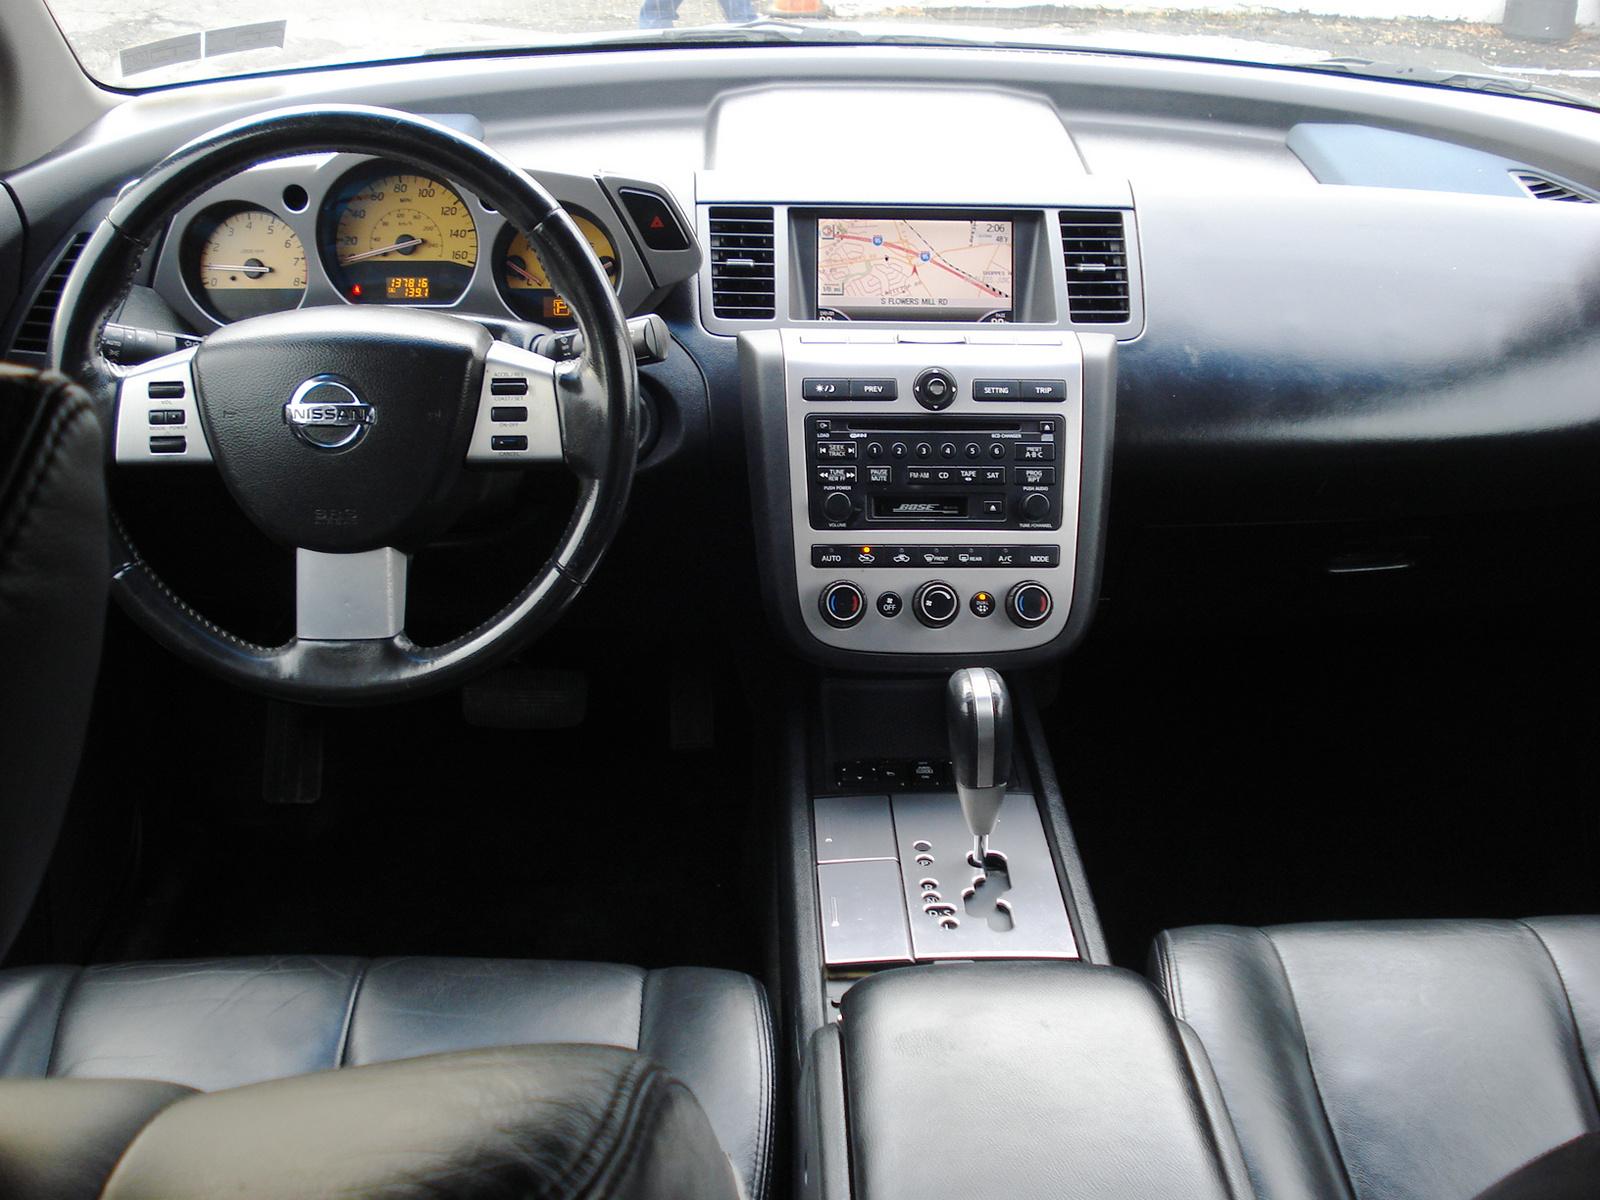 2004 Nissan Murano Interior Pictures Cargurus